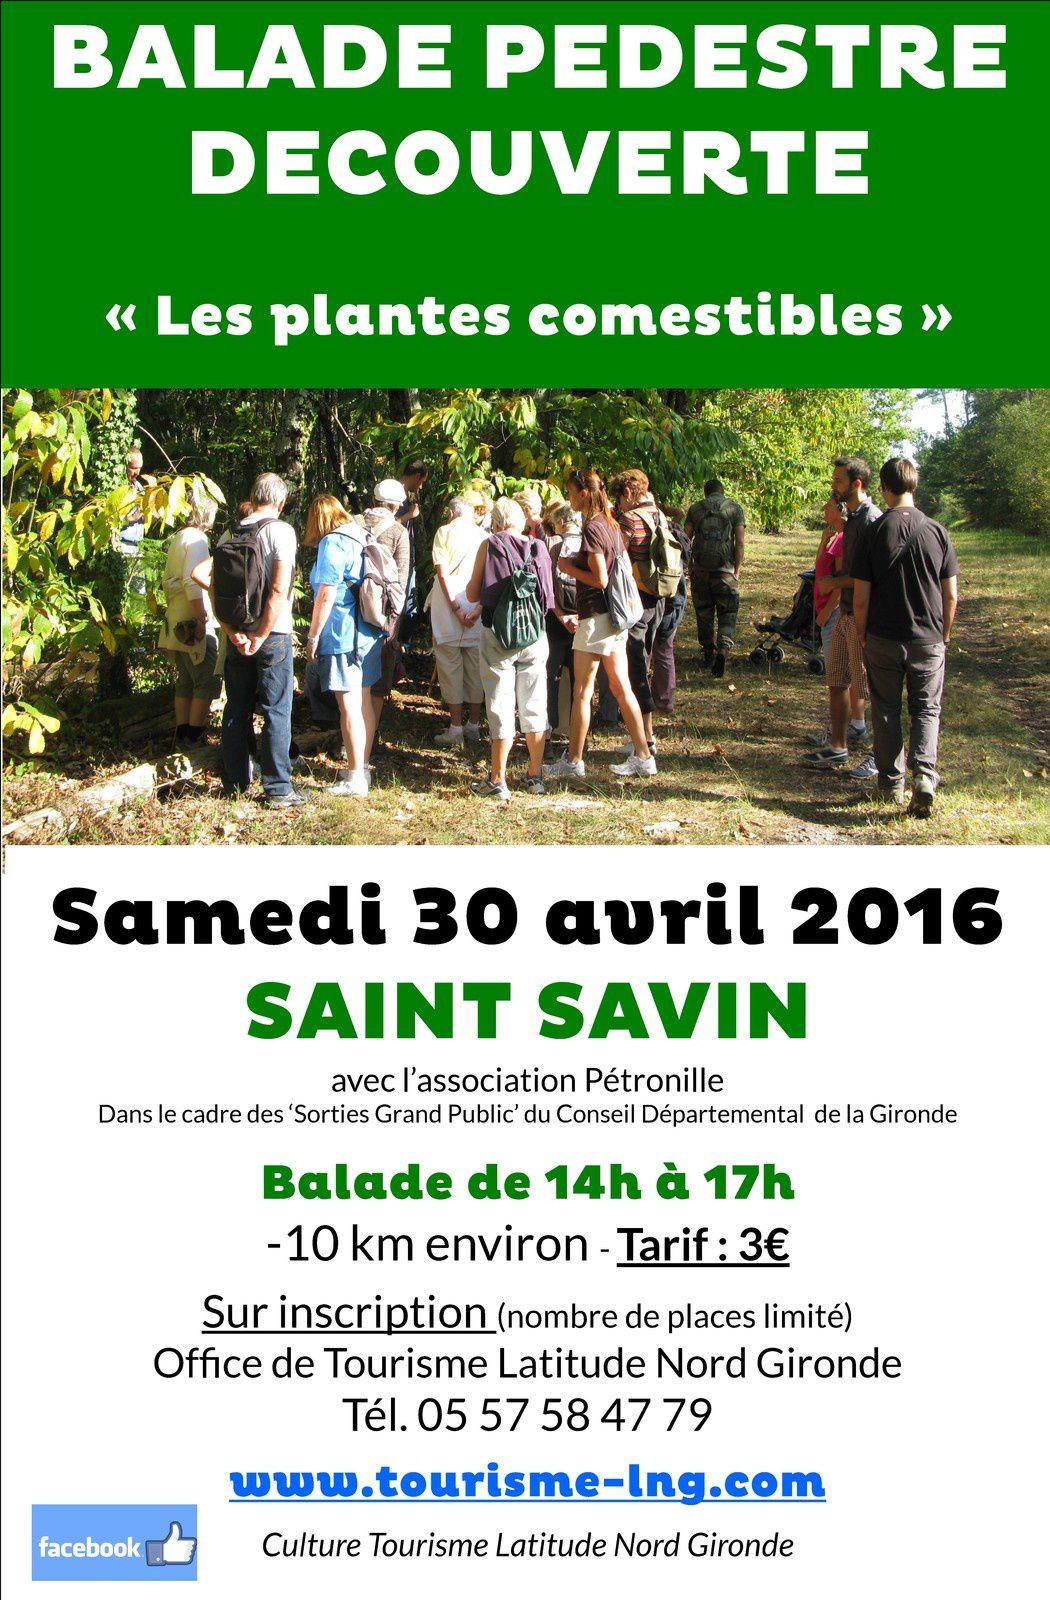 Balade pour découvrir les plantes comestibles à ST SAVIN